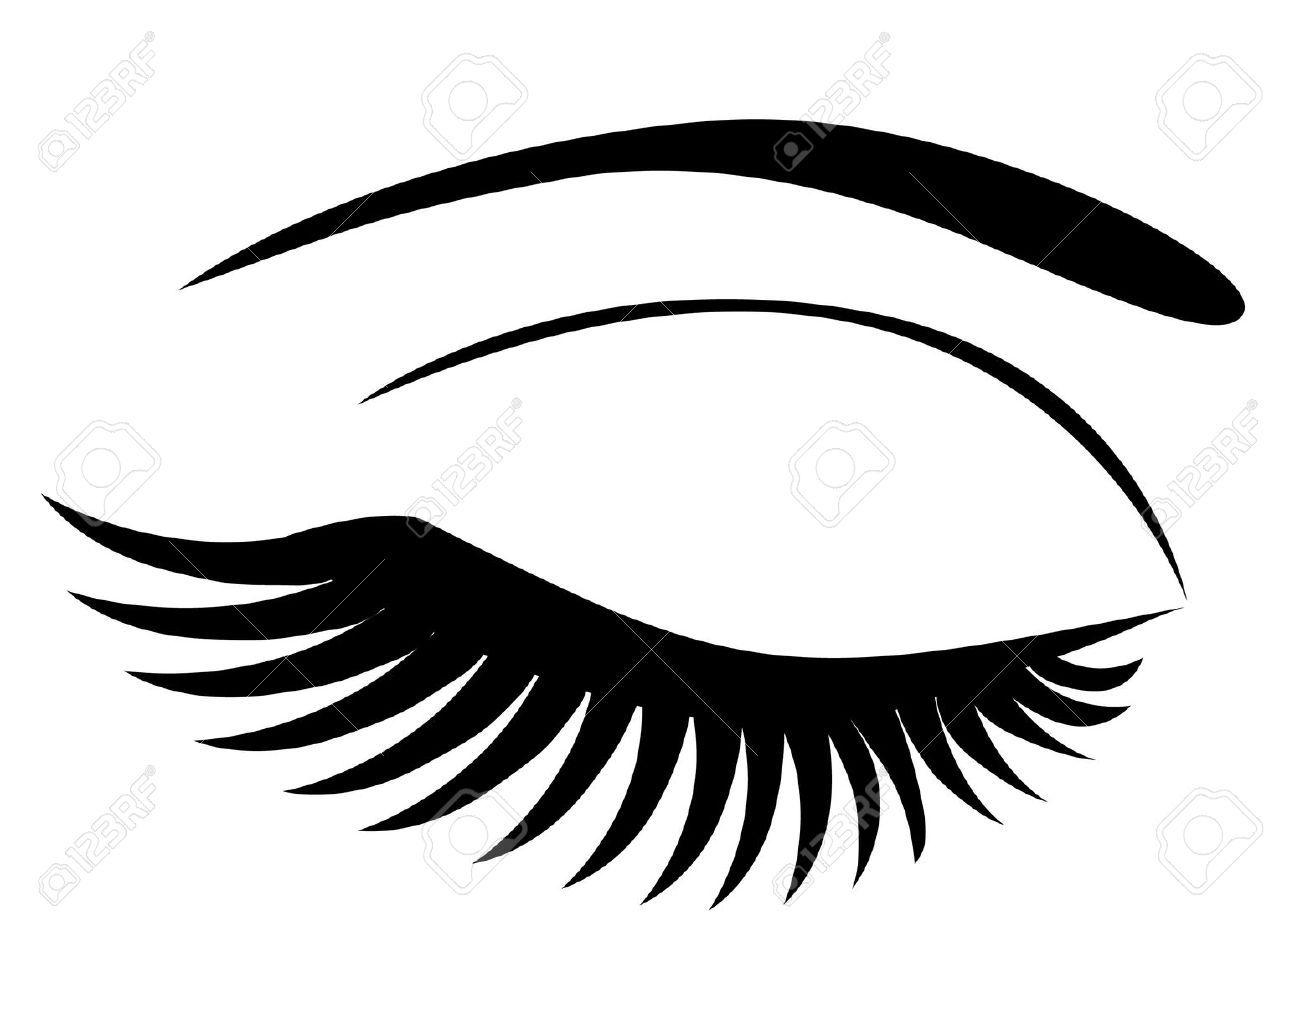 Eyes with eyelashes clipart.